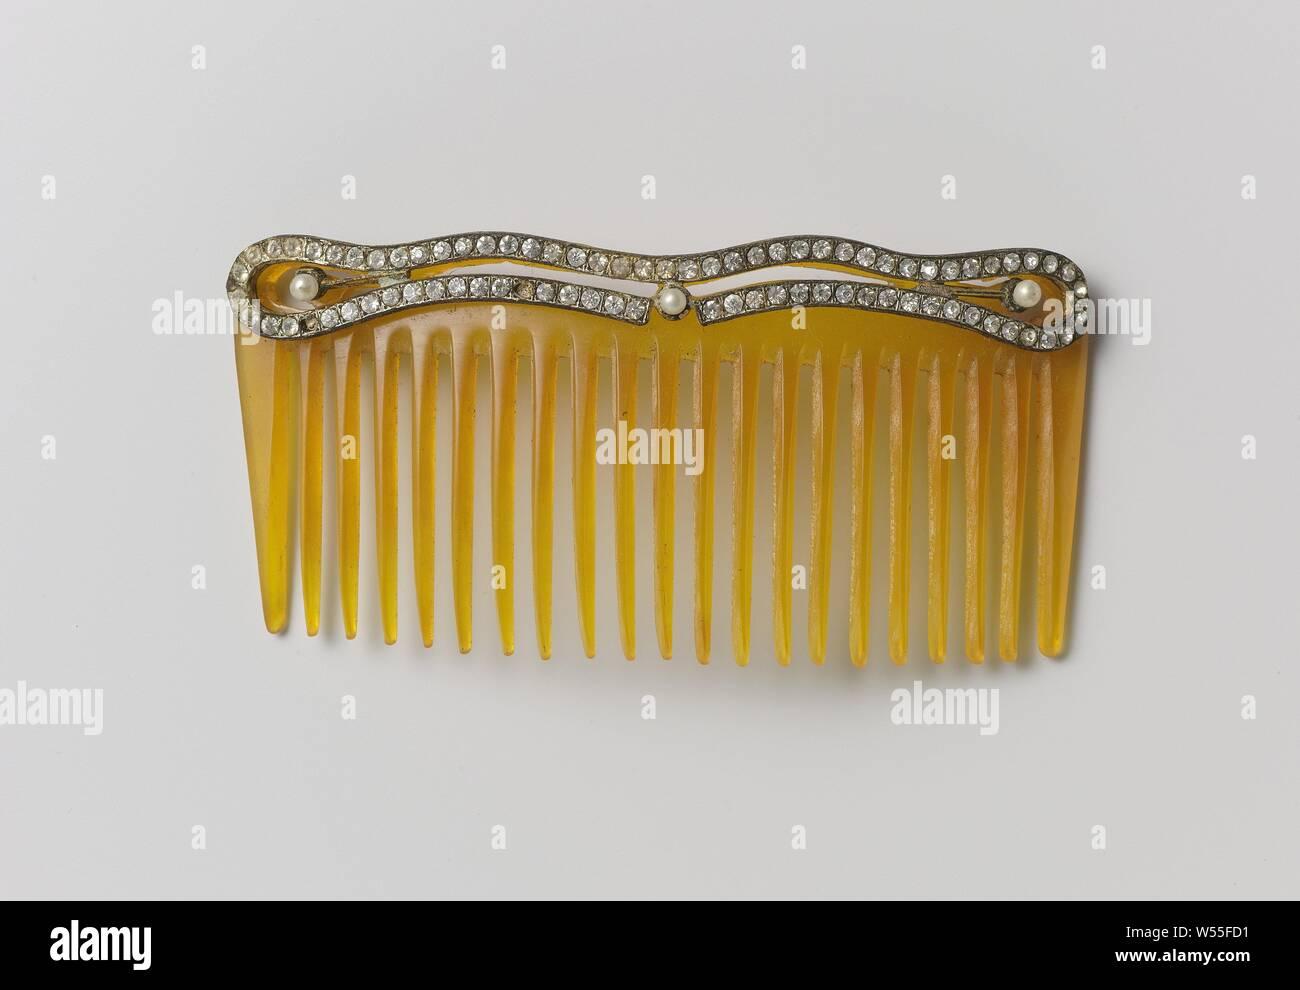 Perlenbänder 20 Bandenden für Strassbänder 3 x 3 mm 7 x 4 mm Außenmaß